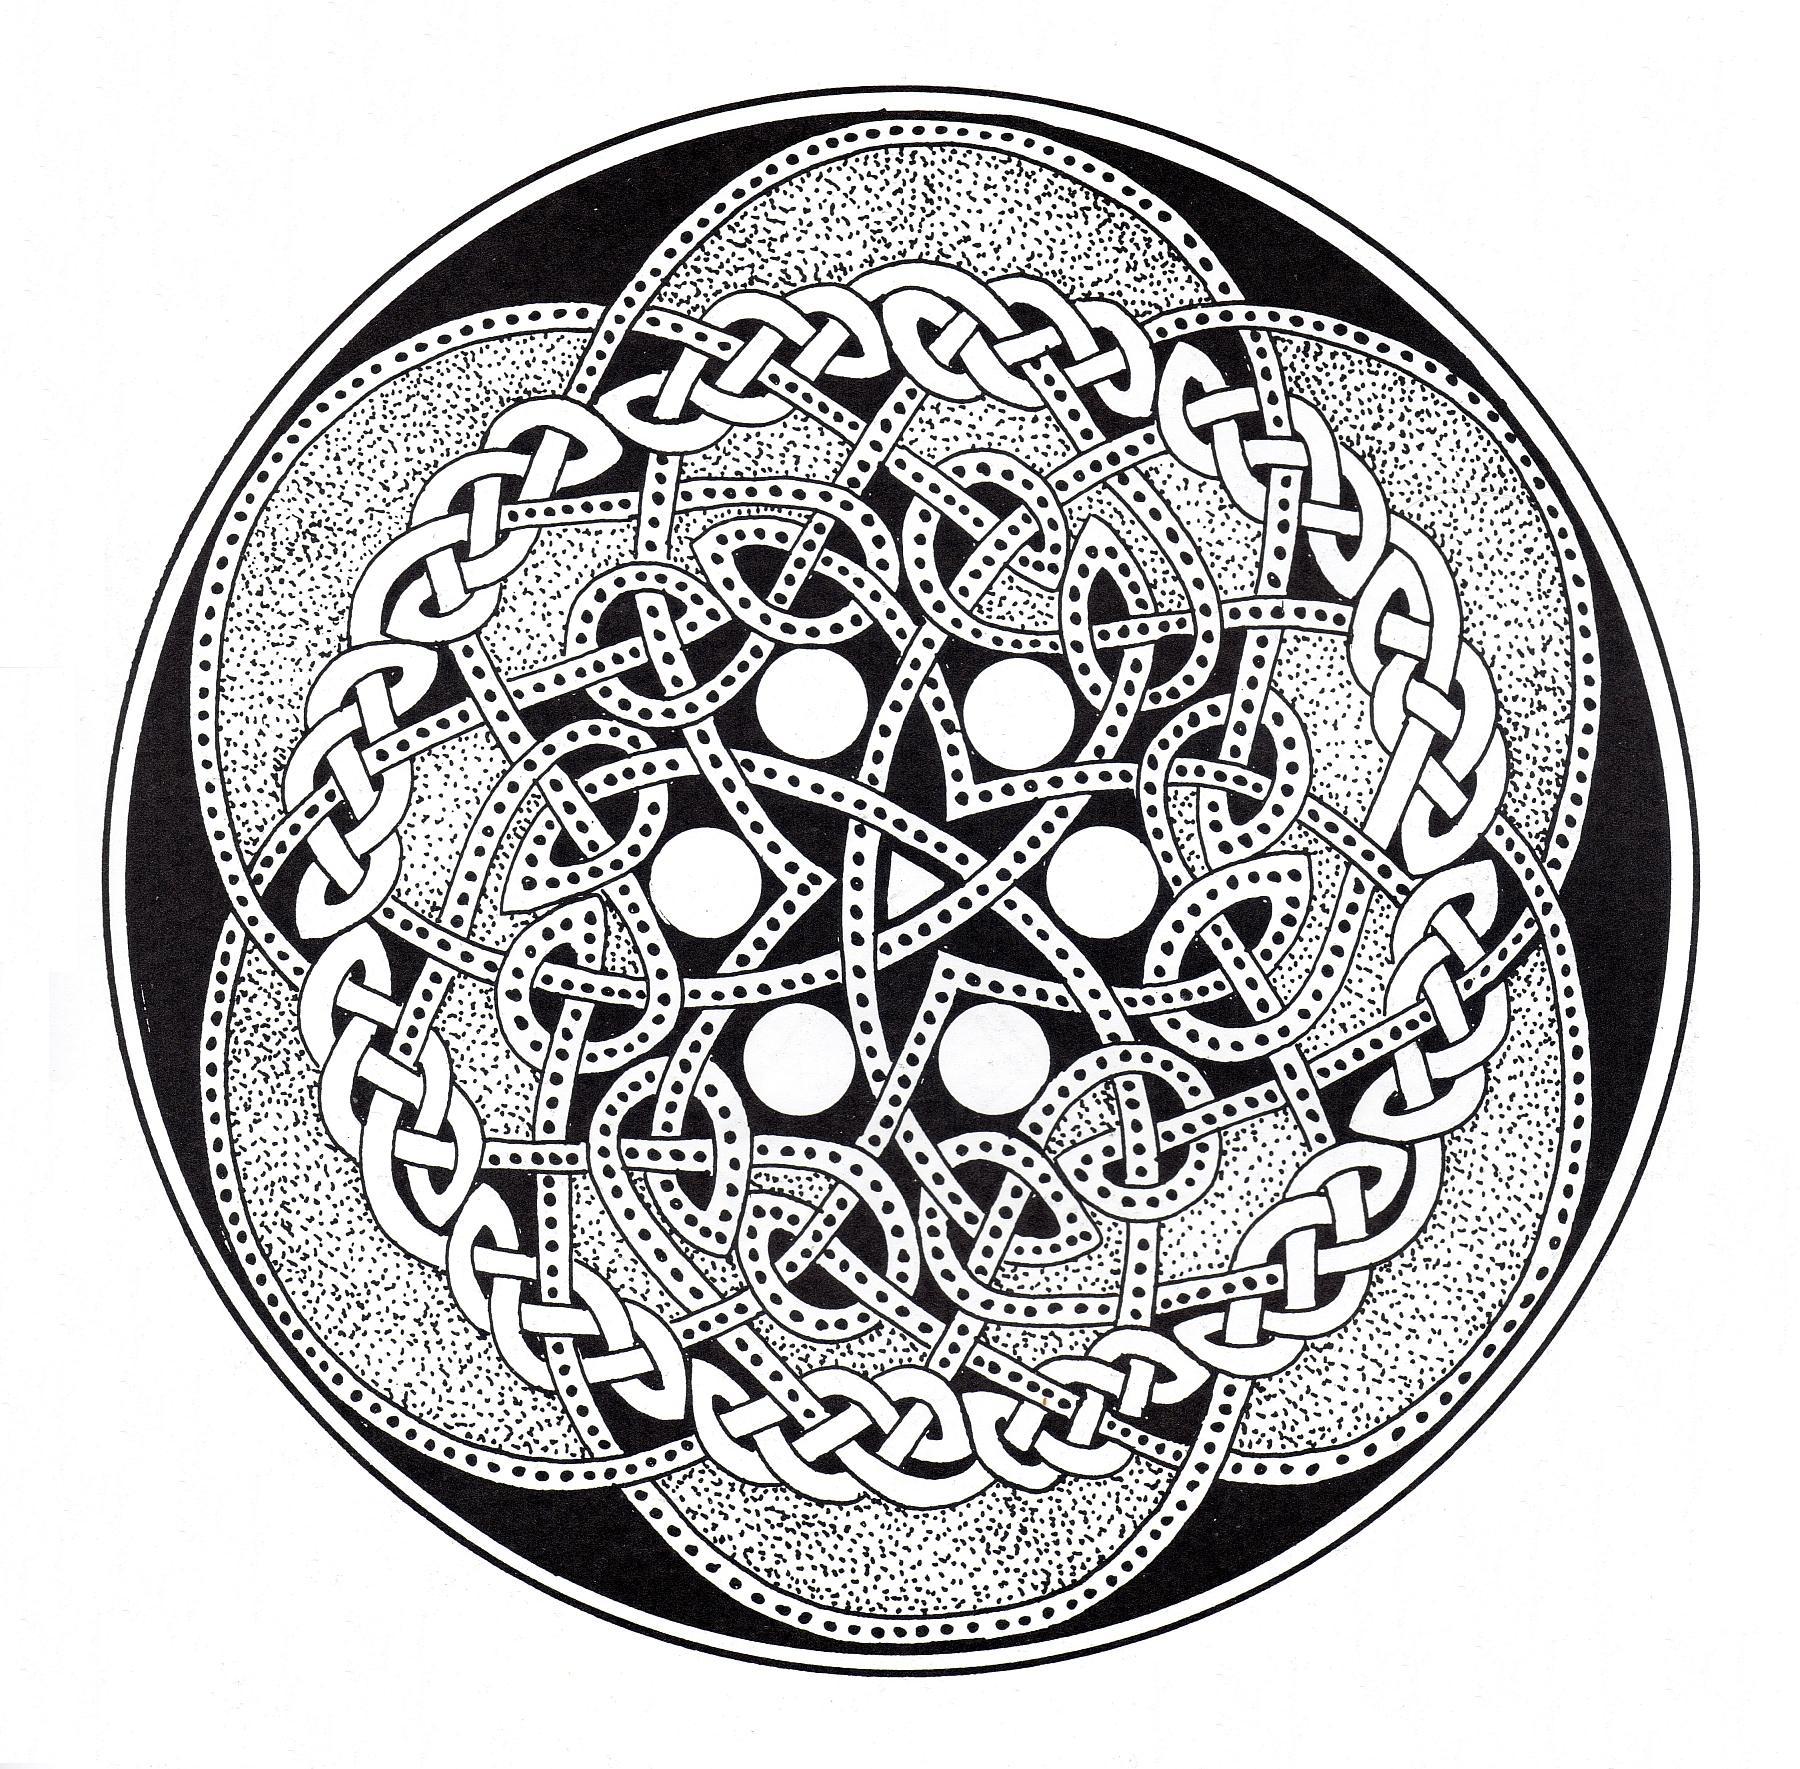 Motifs complexes et circulaires